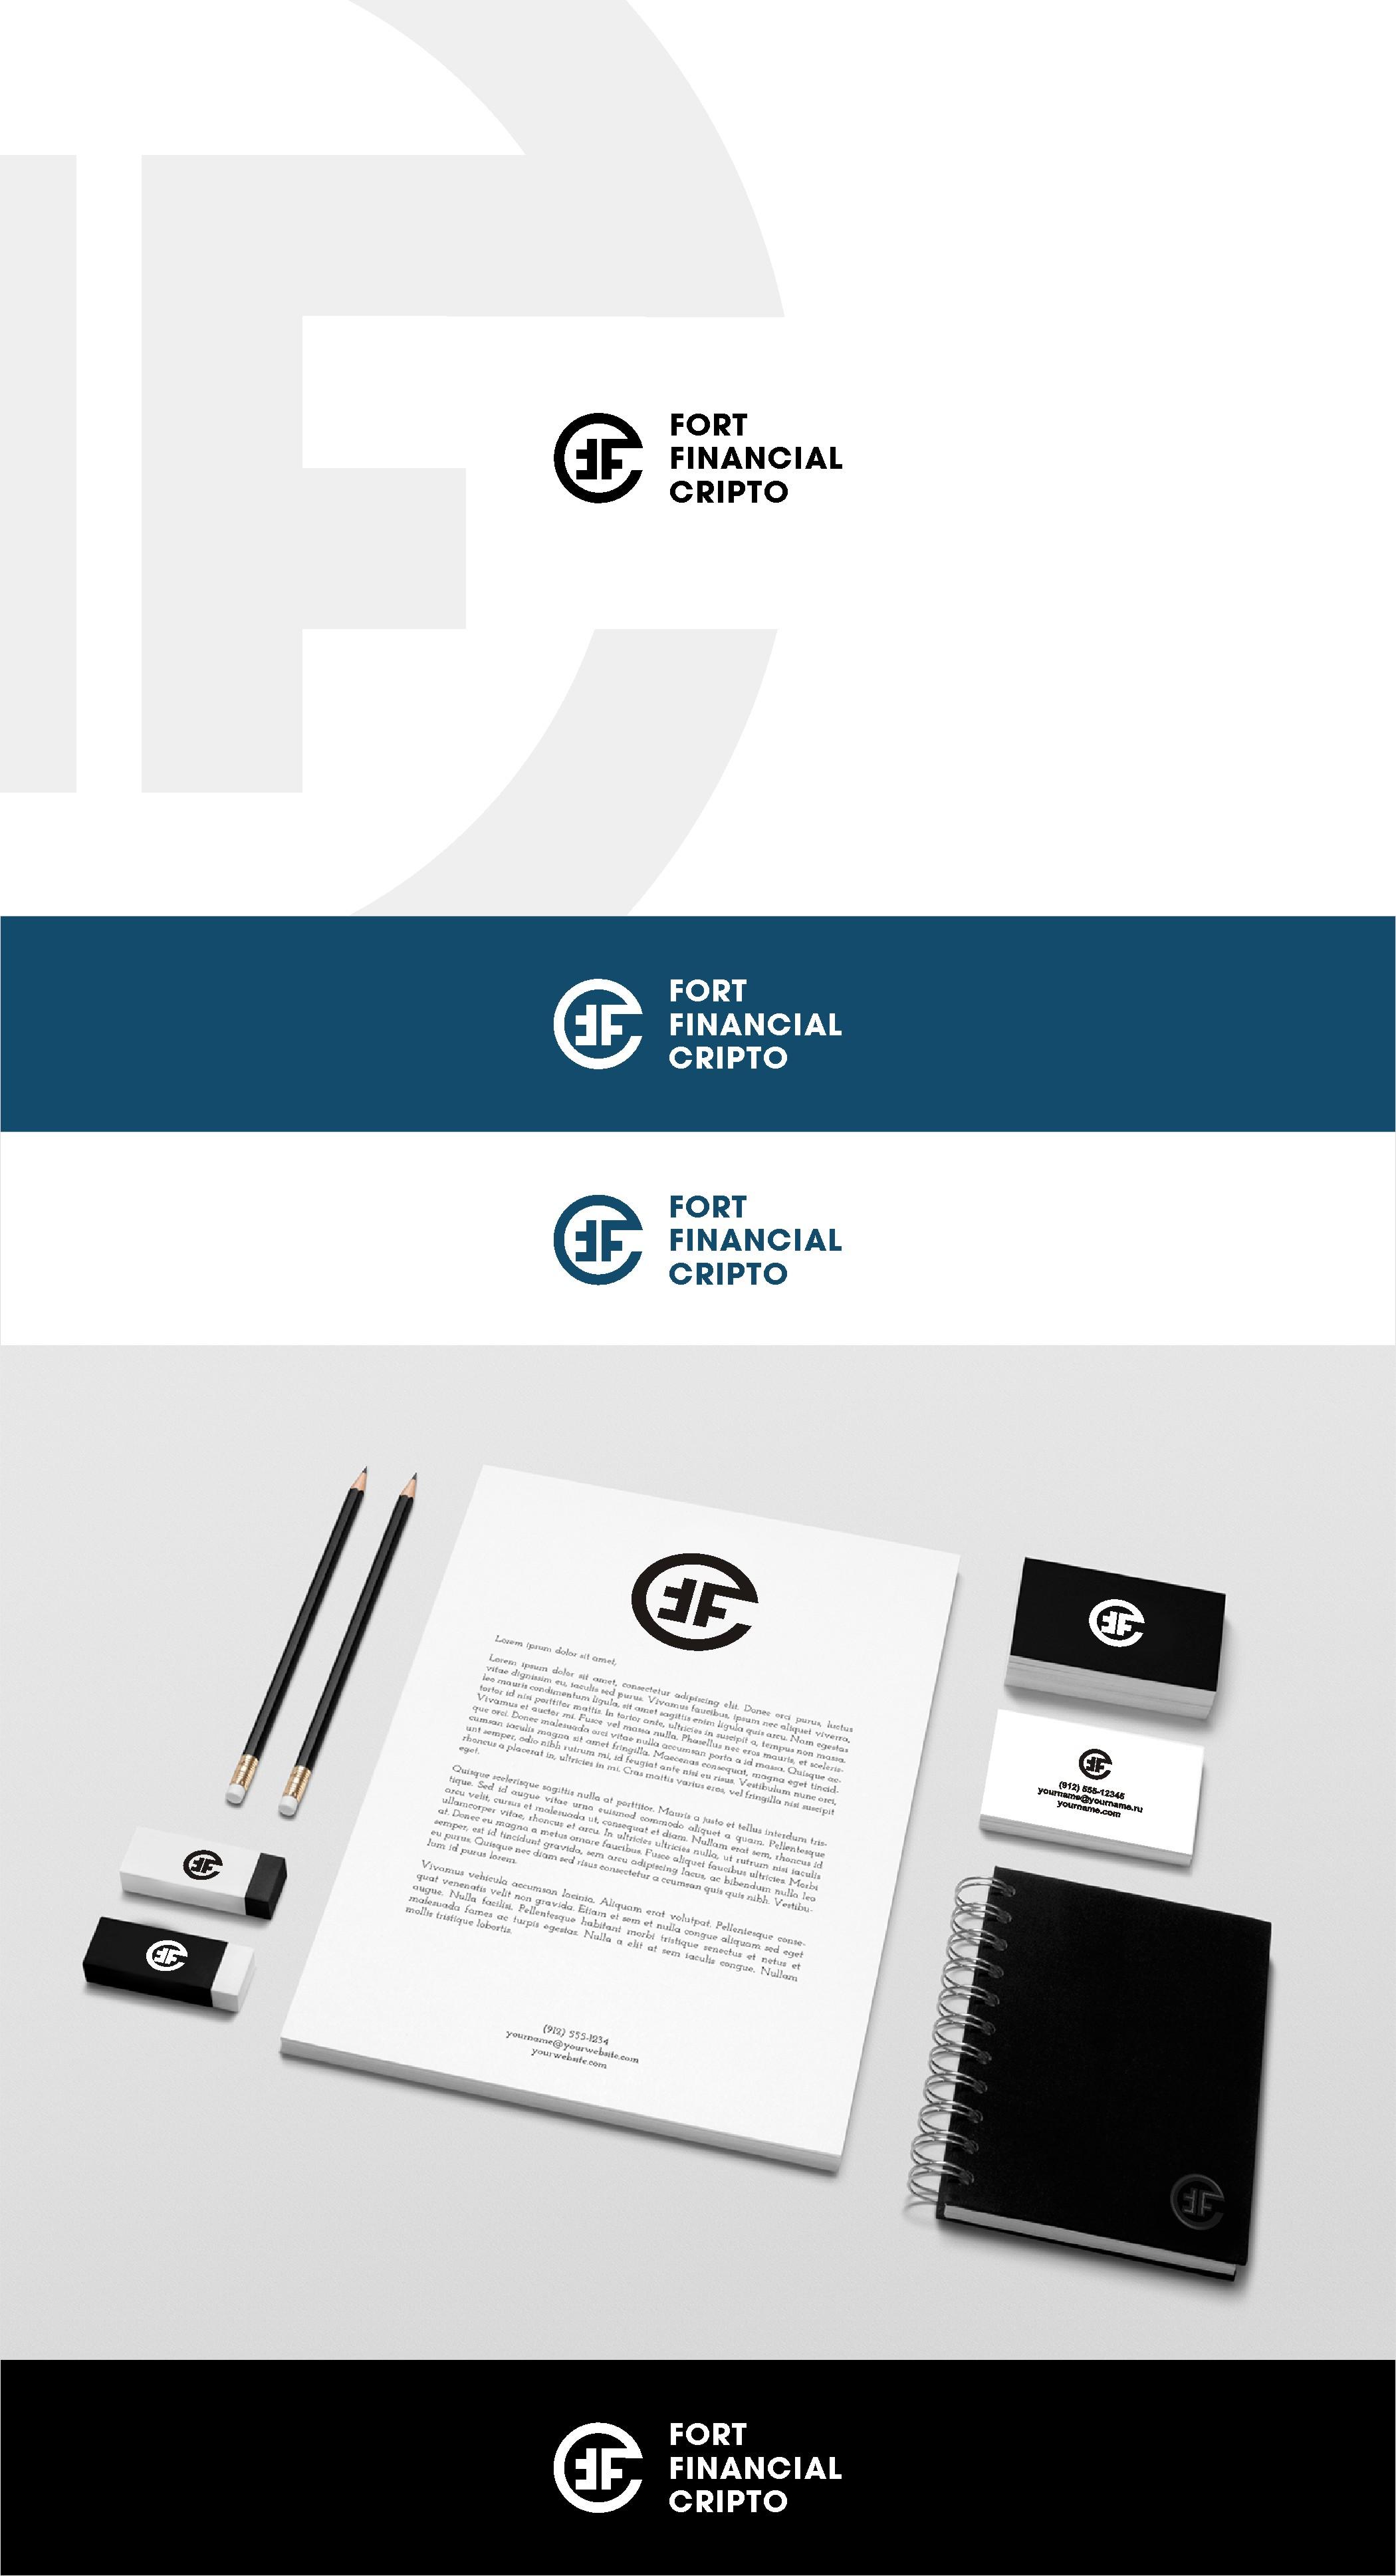 Разработка логотипа финансовой компании фото f_9375a8eecde5ed59.jpg